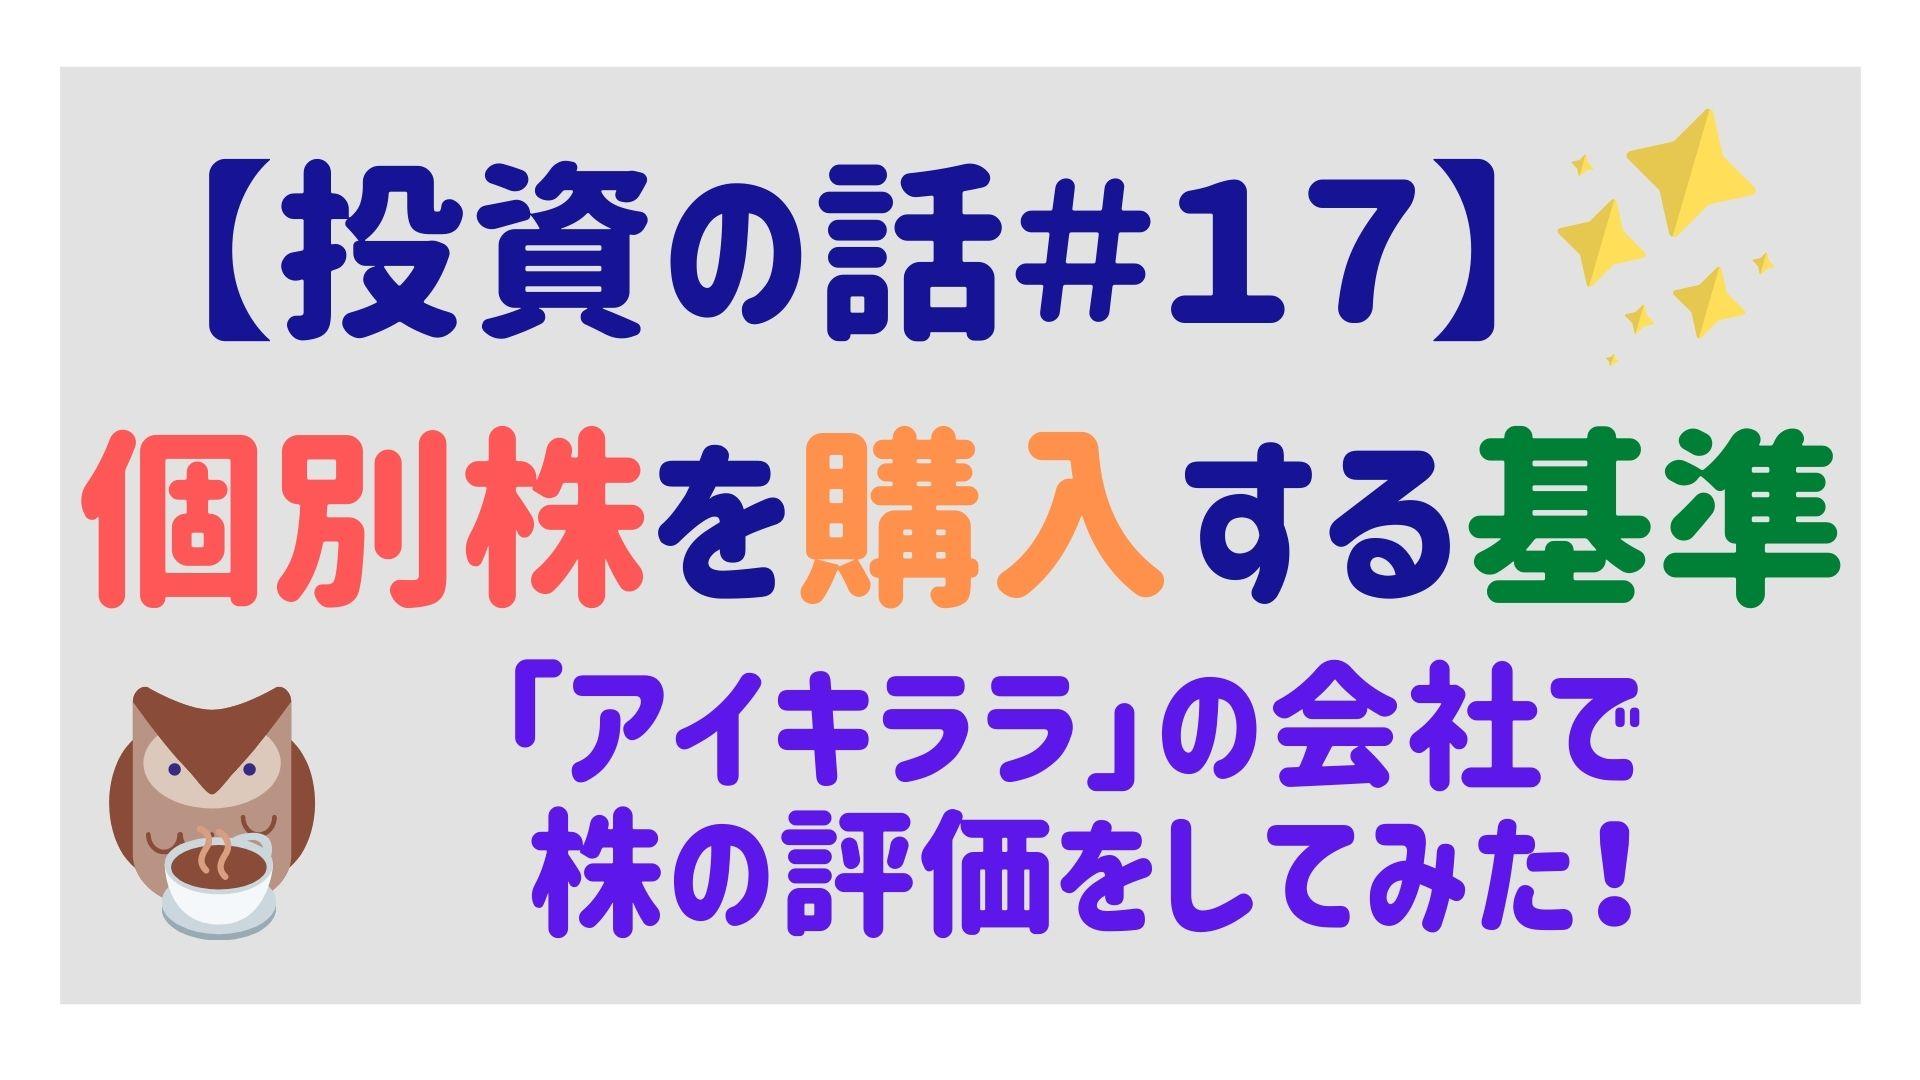 アイキララで有名!東証一部上場の株を評価!